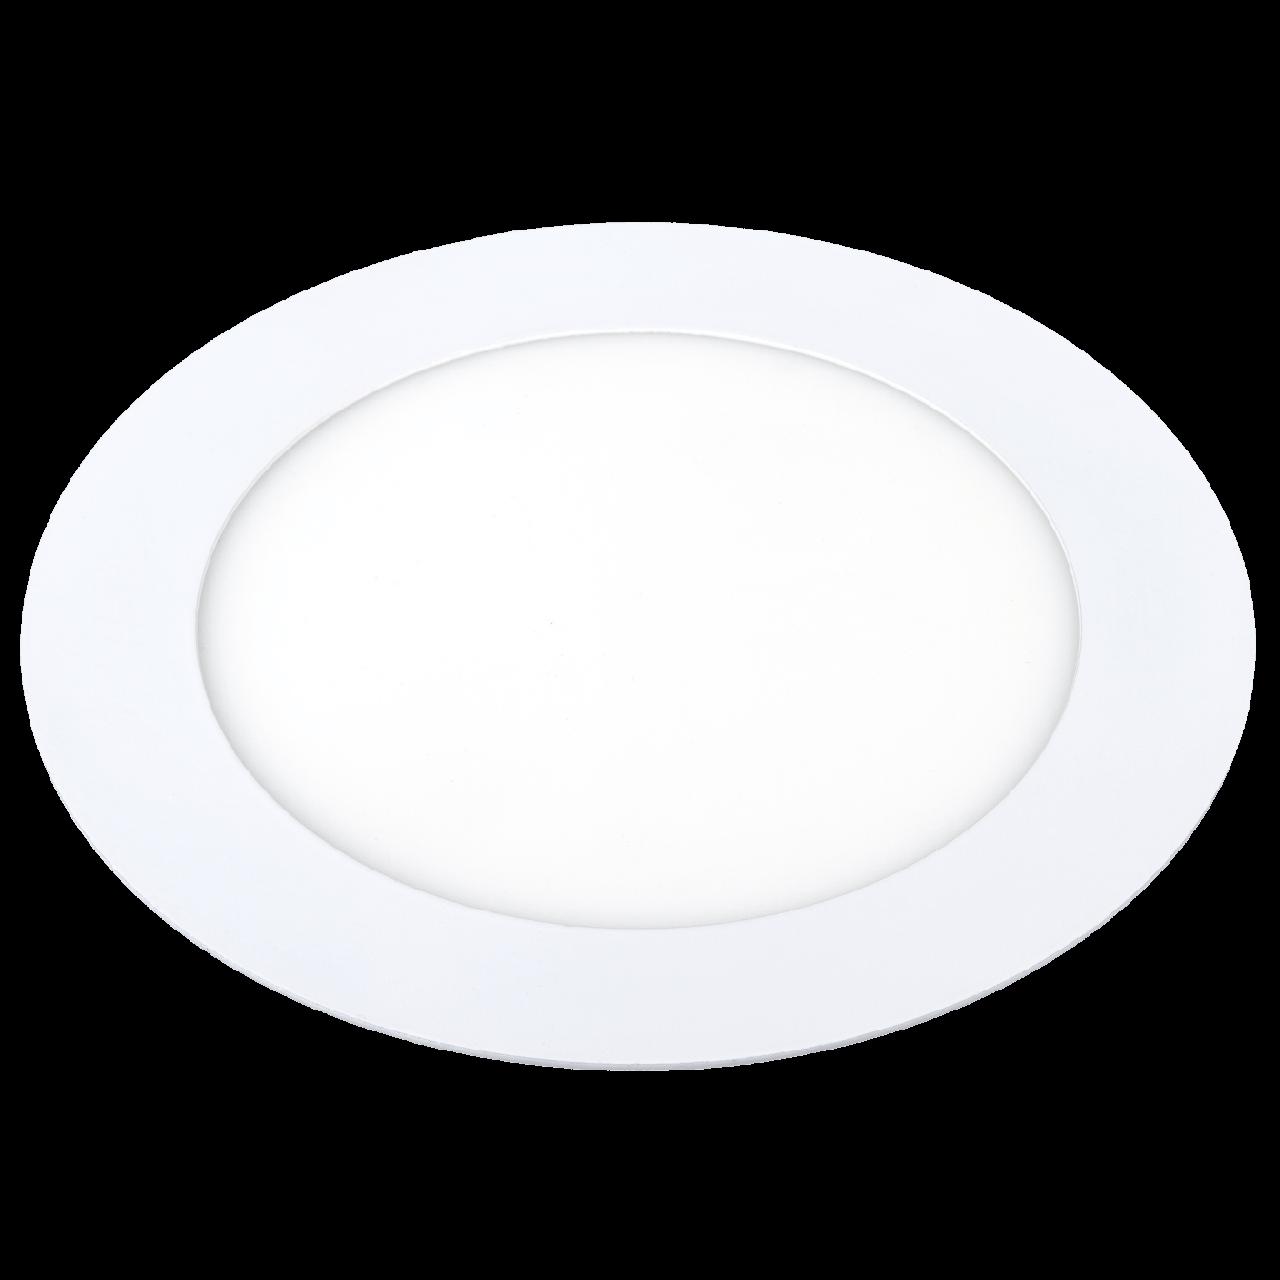 Светодиодный встраиваемый светильник Ilumia 9Вт, 147мм, 4000К (нейтральный белый), 700Лм (027)